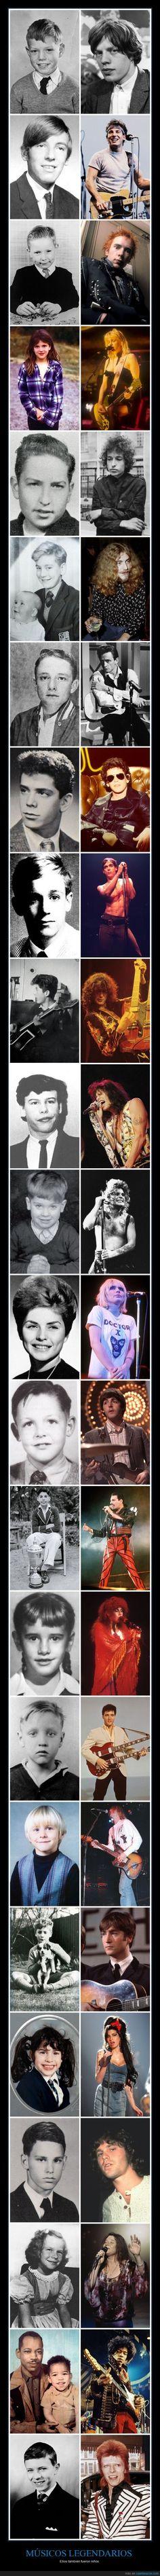 ¿Quieres ver a algunos de los músicos más legendarios de la historia de pequeños? - Ellos también fueron niños   Gracias a http://www.cuantarazon.com/   Si quieres leer la noticia completa visita: http://www.estoy-aburrido.com/quieres-ver-a-algunos-de-los-musicos-mas-legendarios-de-la-historia-de-pequenos-ellos-tambien-fueron-ninos/